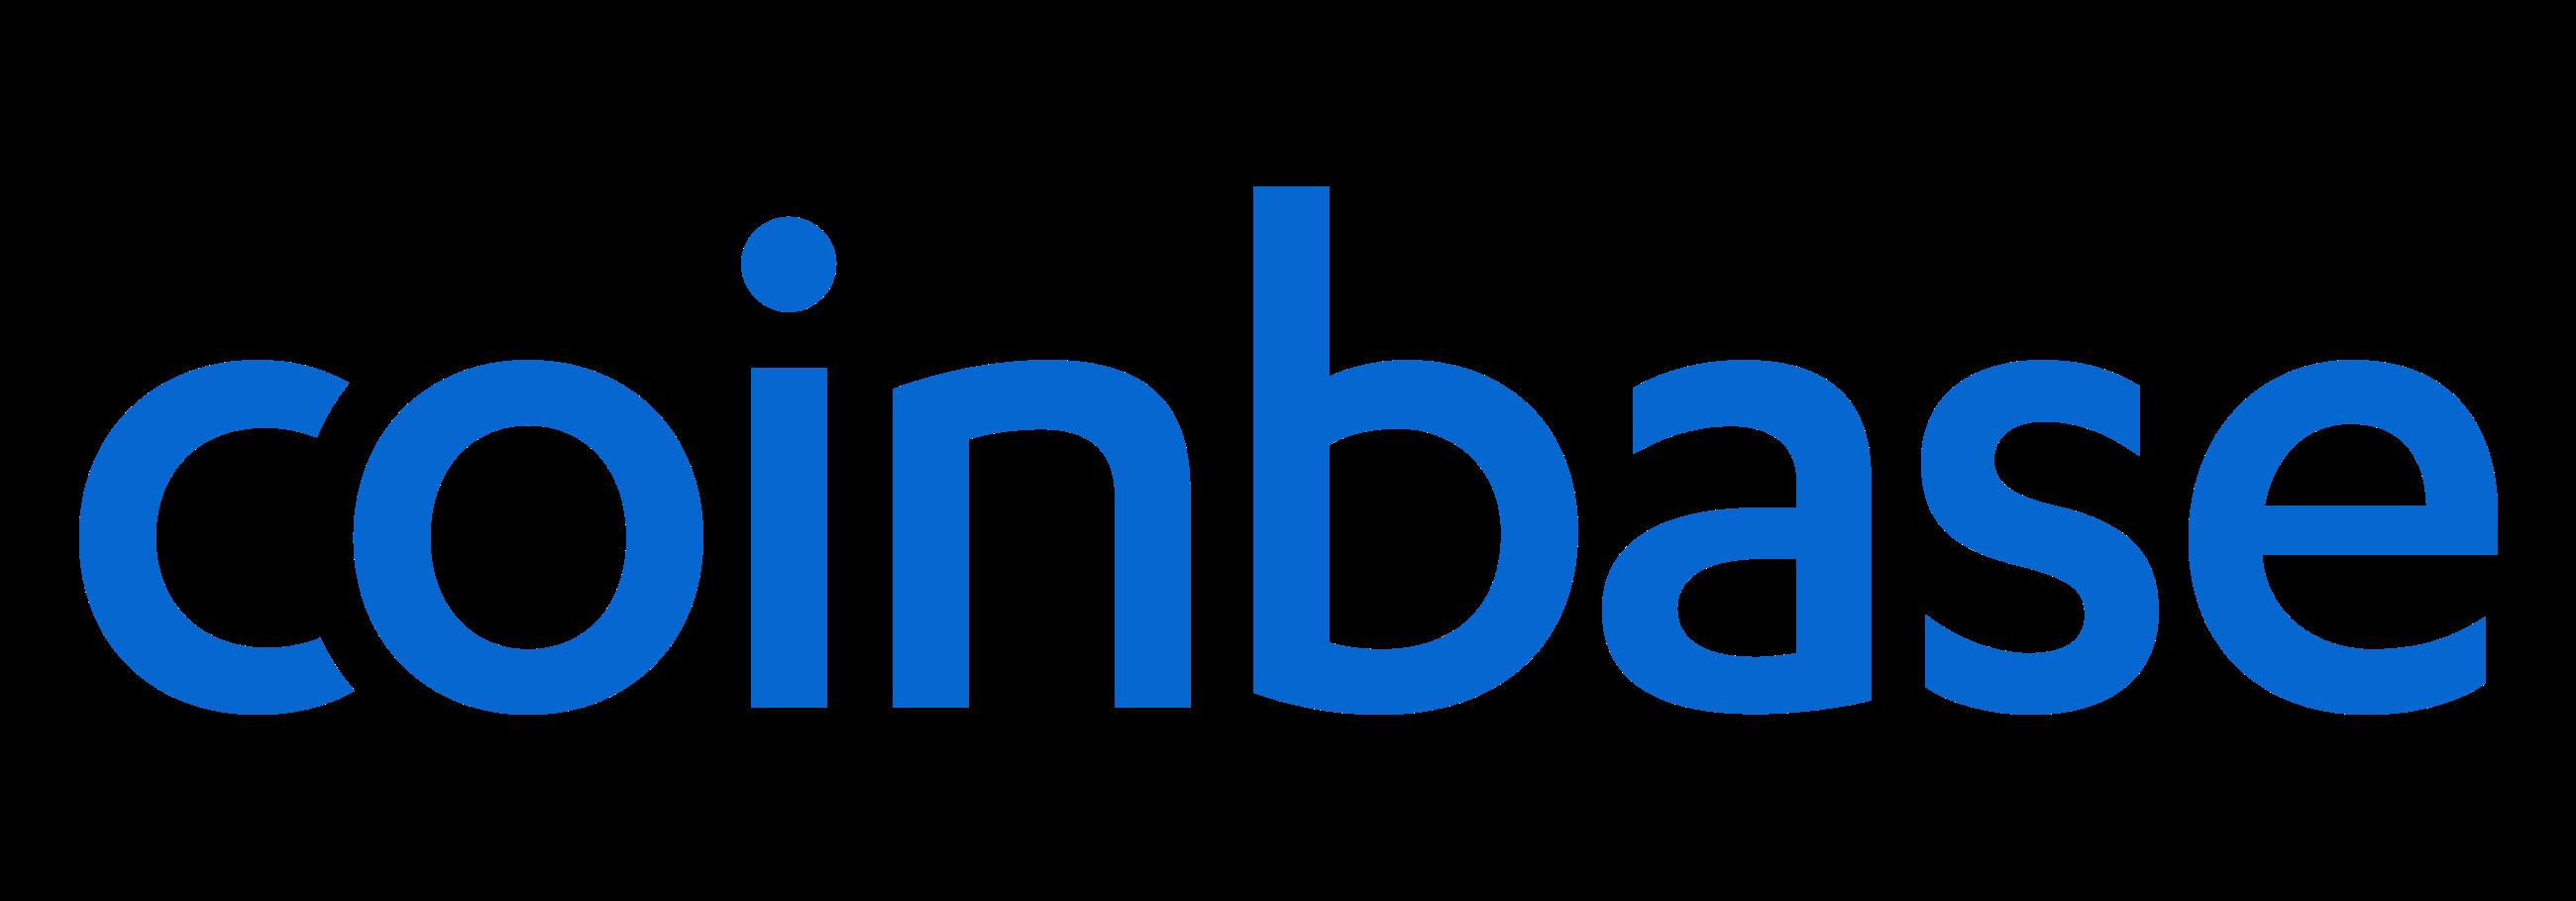 世界経済 海外企業決算編 Coinbase, Inc.